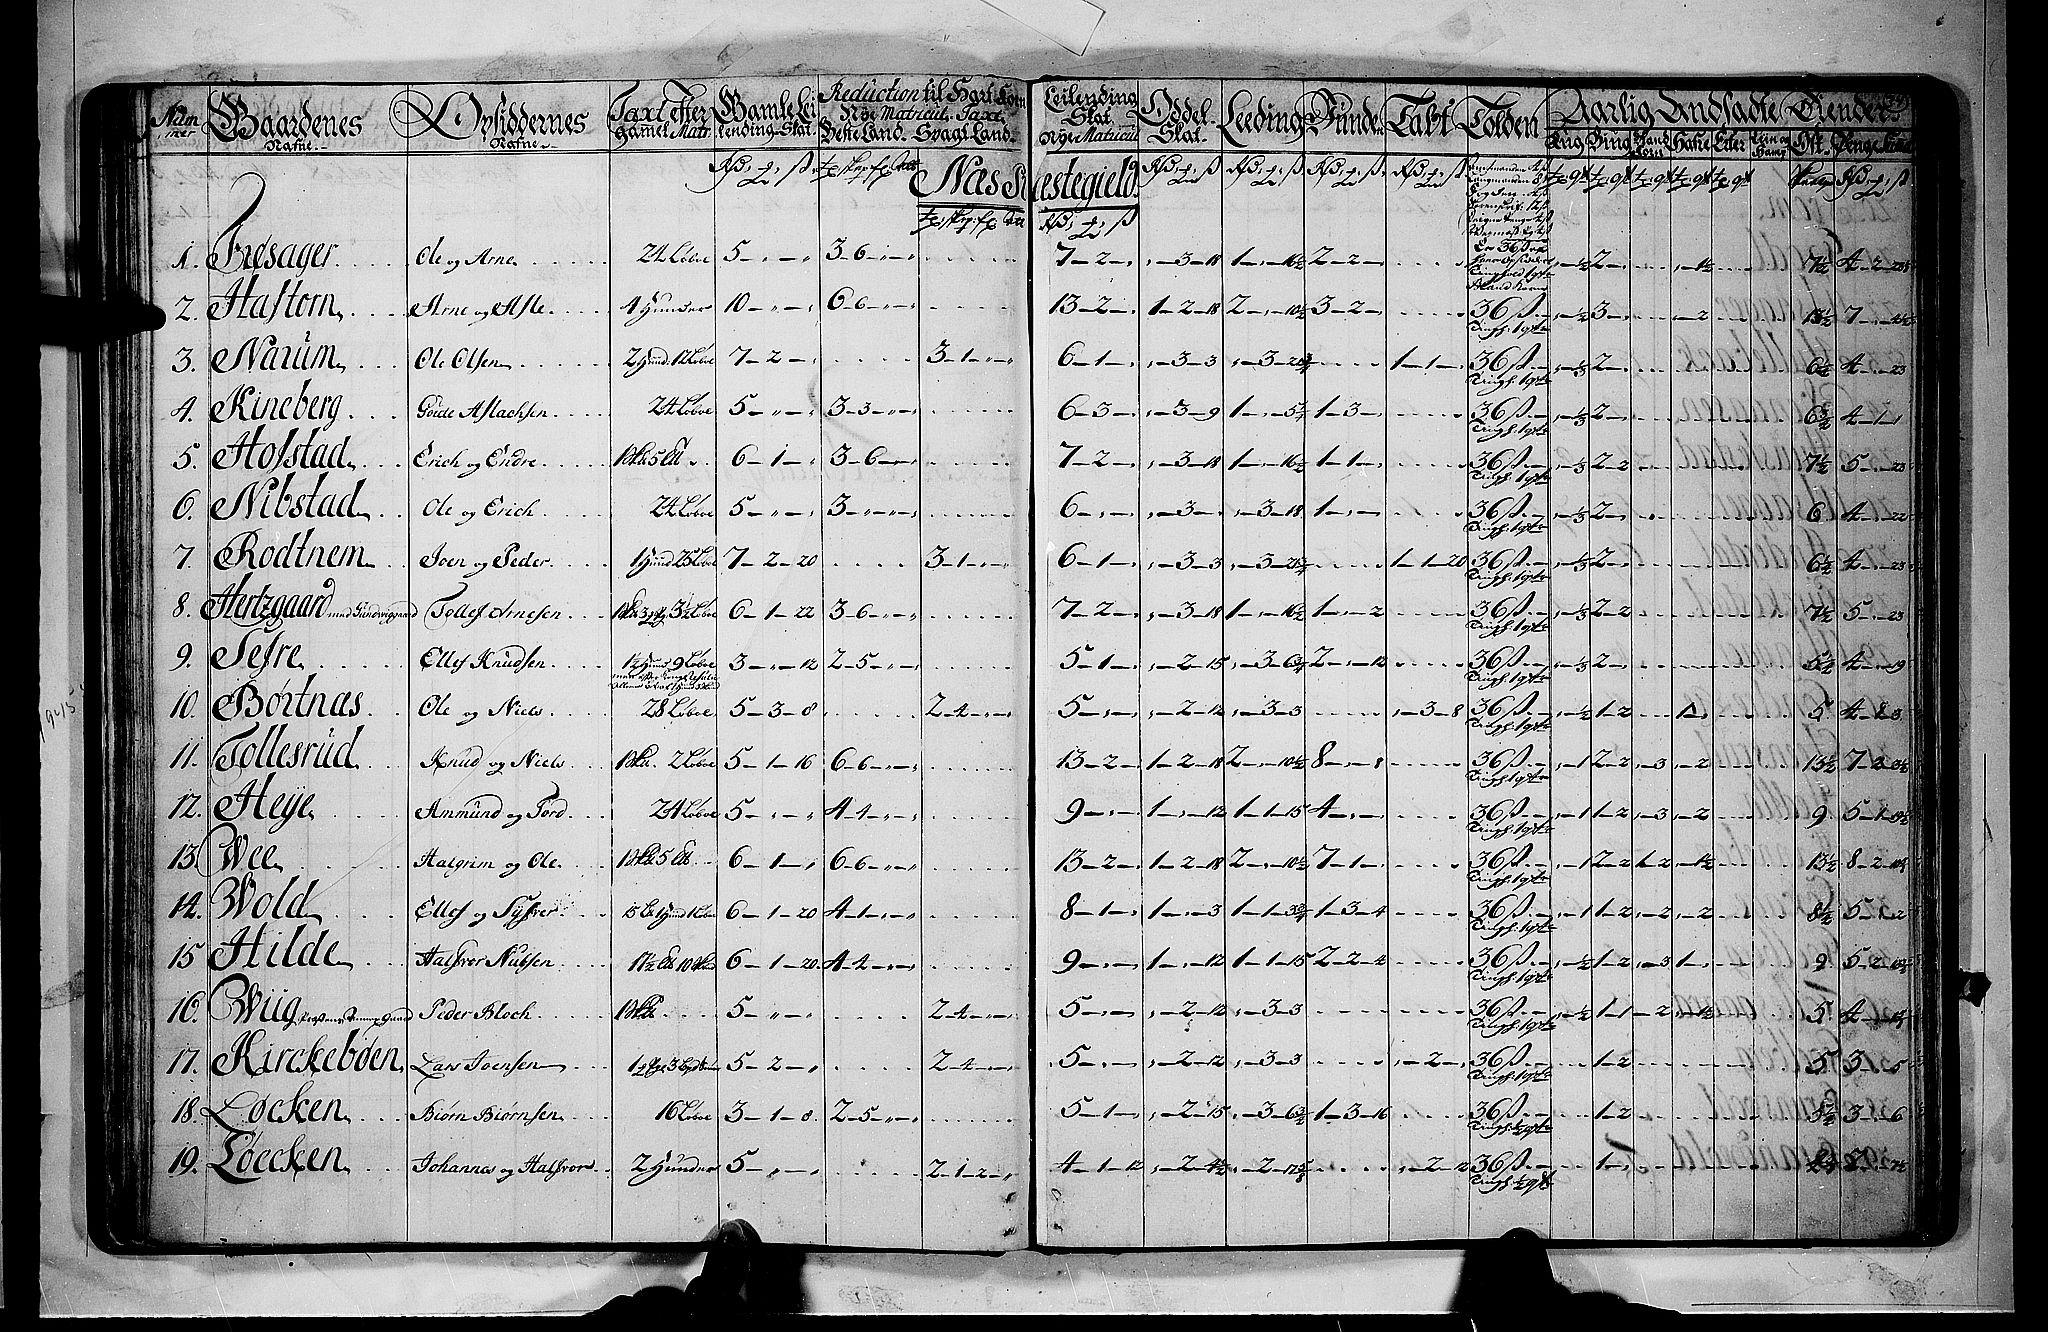 RA, Rentekammeret inntil 1814, Realistisk ordnet avdeling, N/Nb/Nbf/L0110: Ringerike og Hallingdal matrikkelprotokoll, 1723, s. 33b-34a